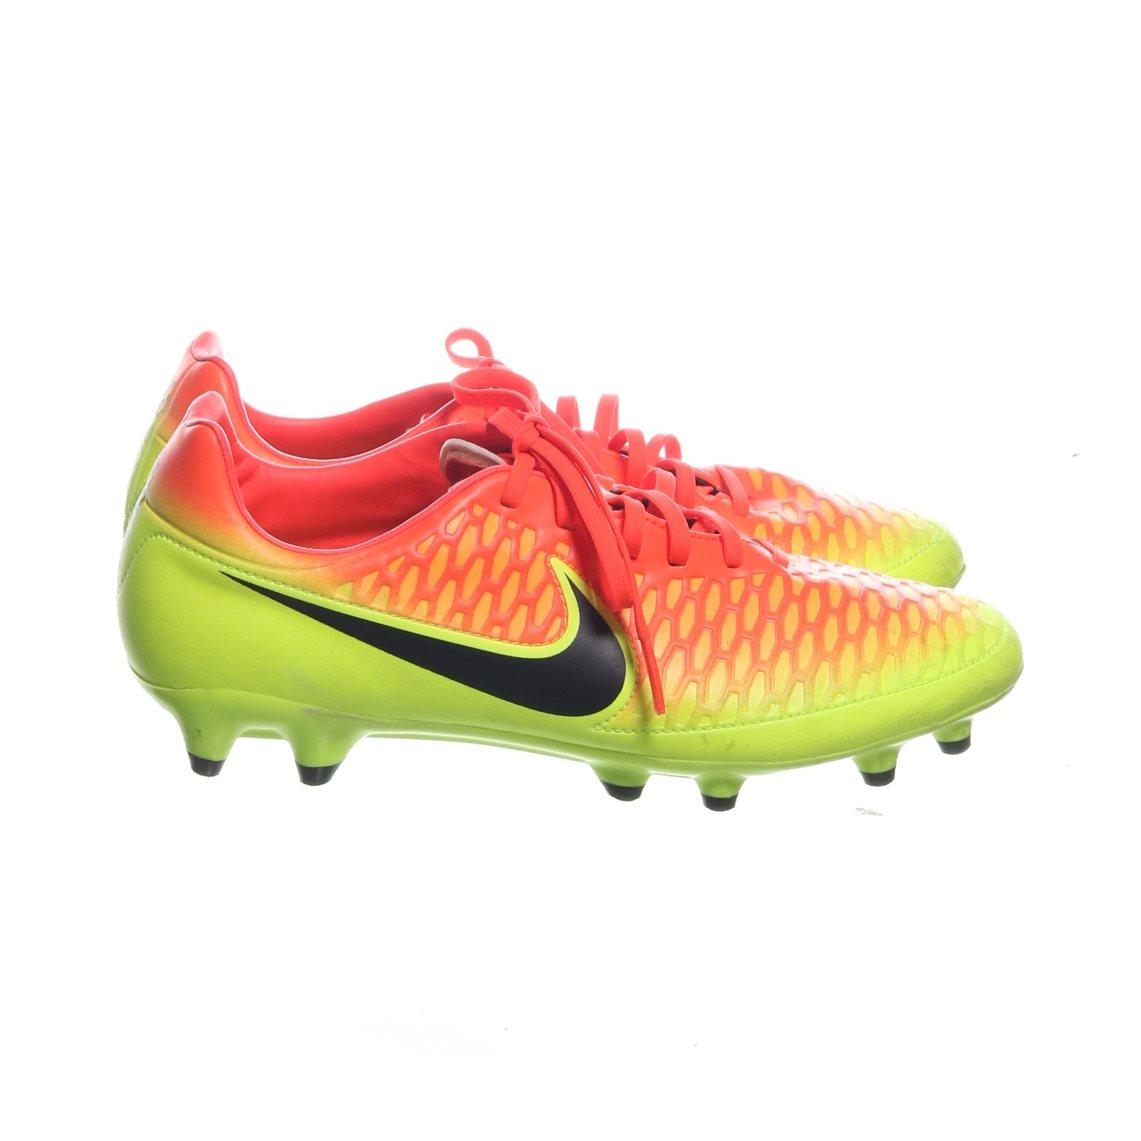 new concept 70b5a ee1fc Nike Magista, Fotbollsskor, Strl  41, Gul Orange